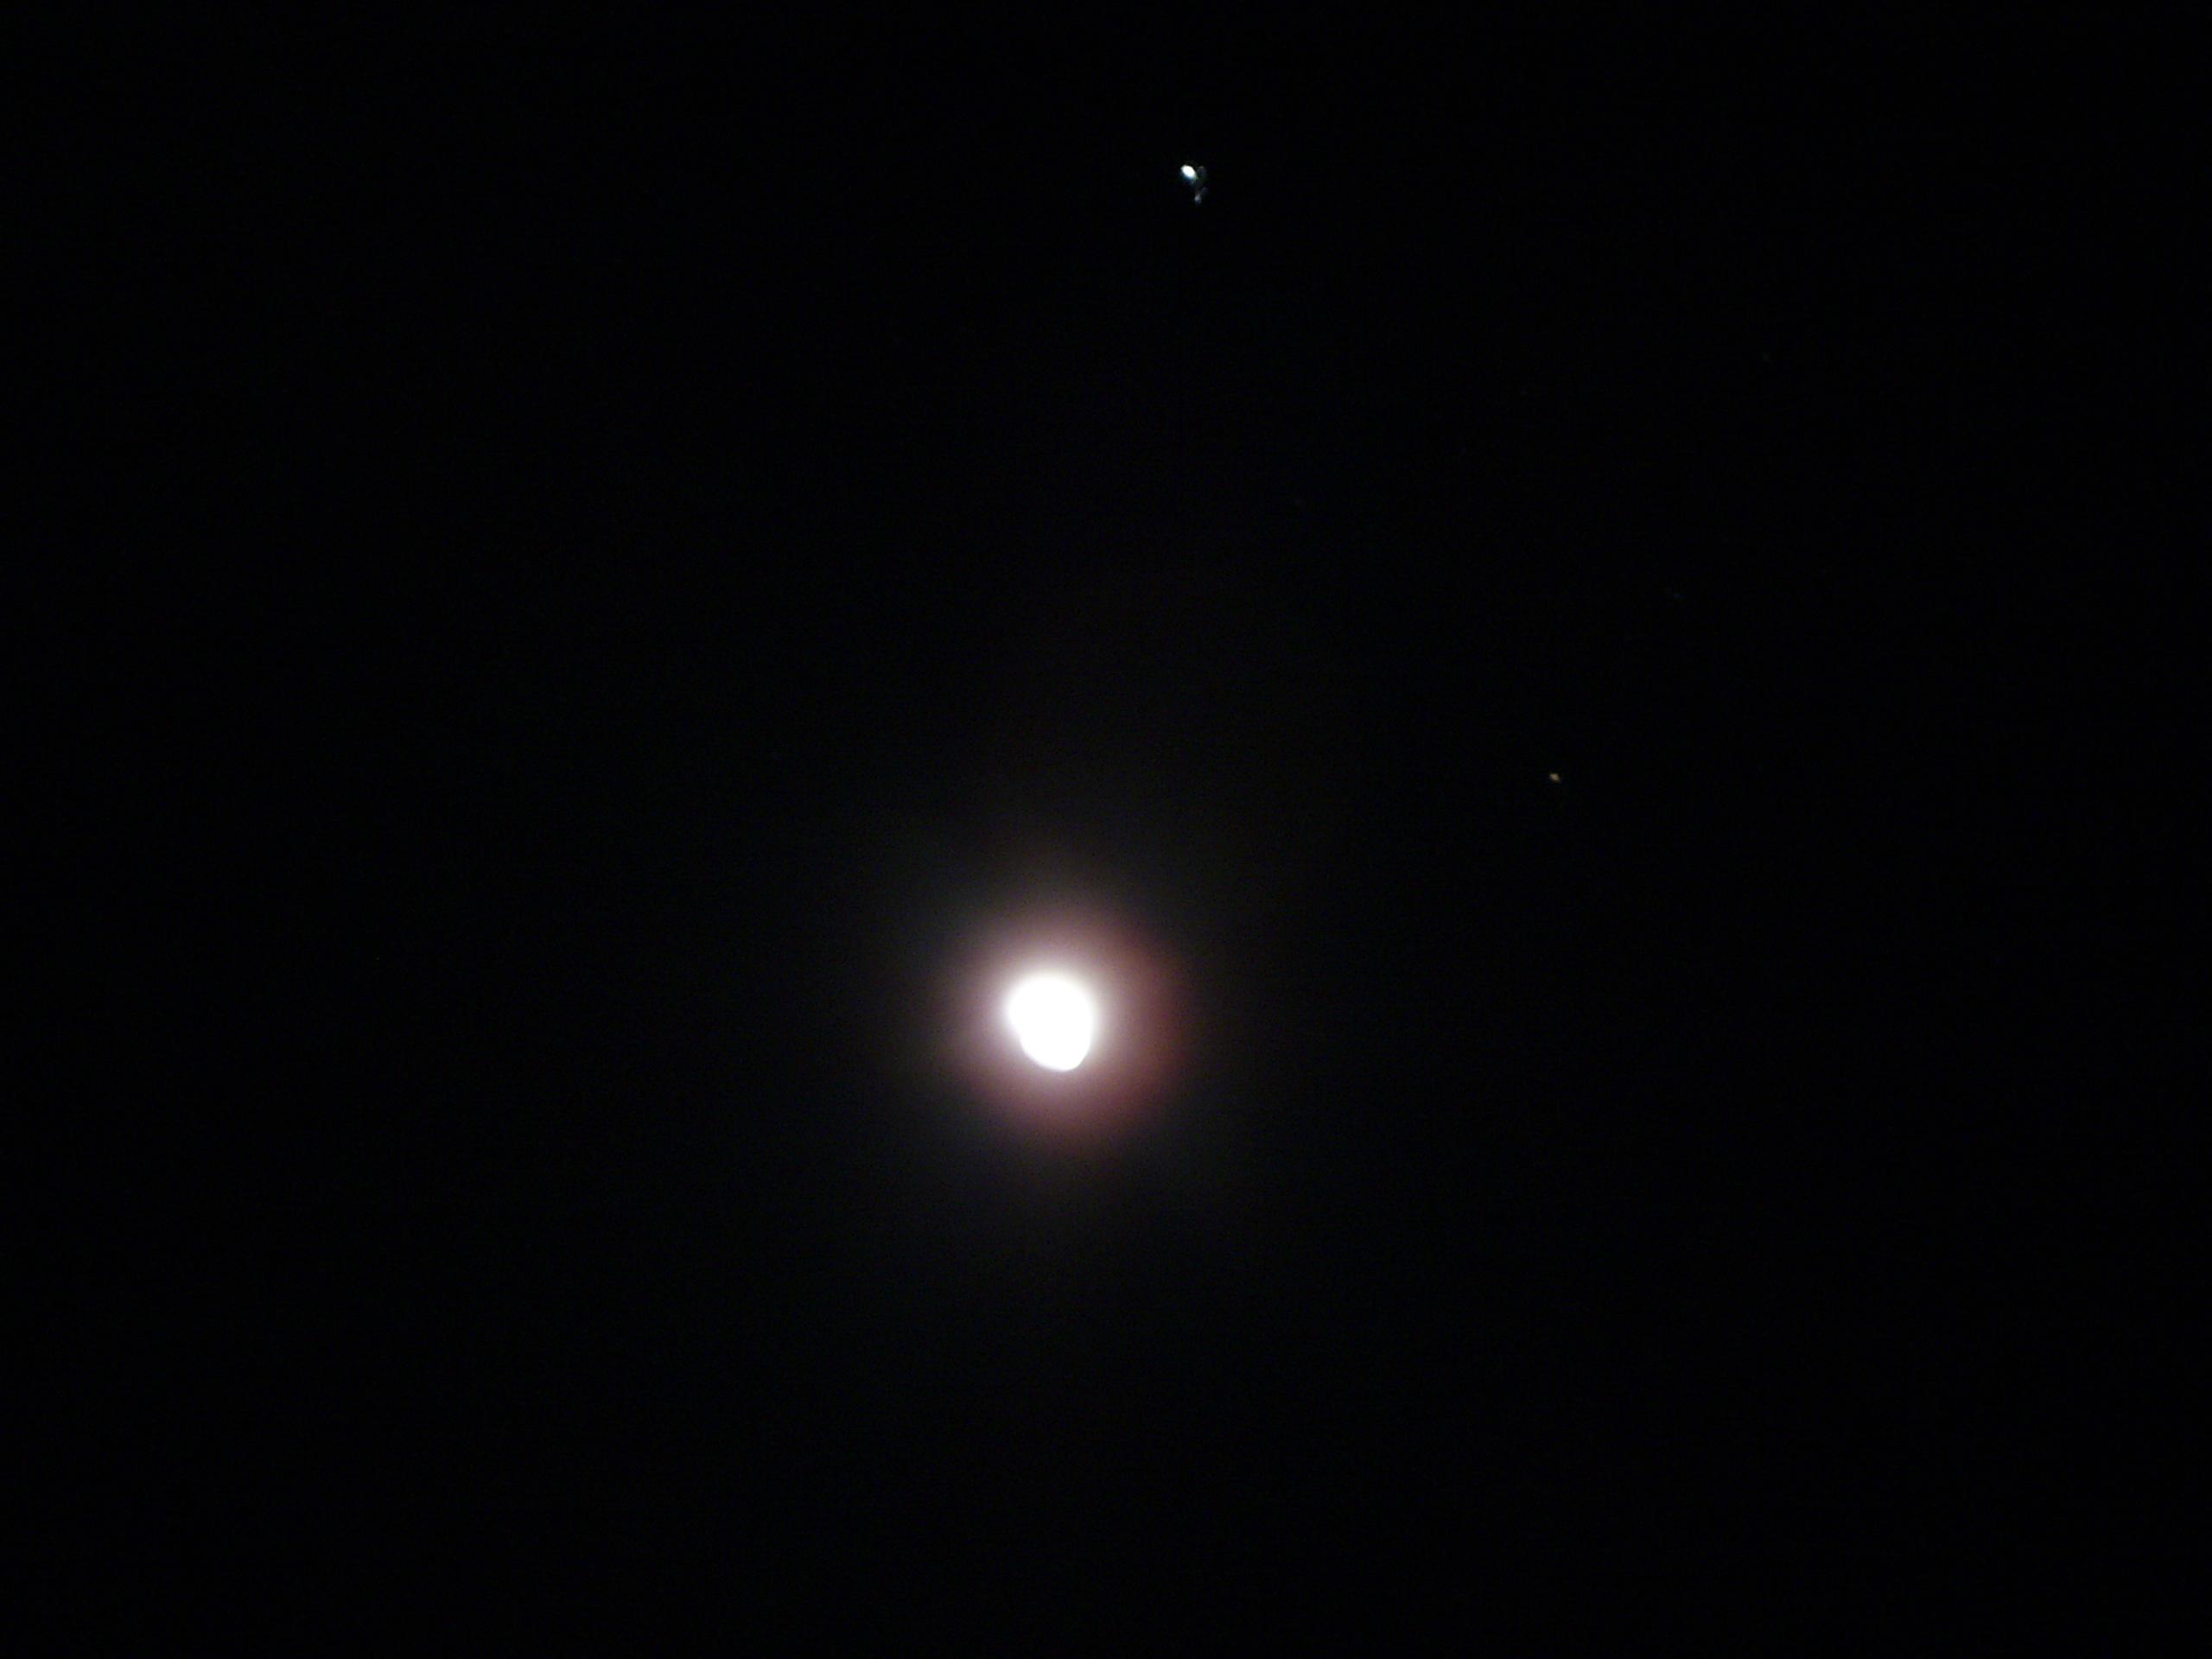 Moon / Jupiter conjunction | Maksim Otstavnov